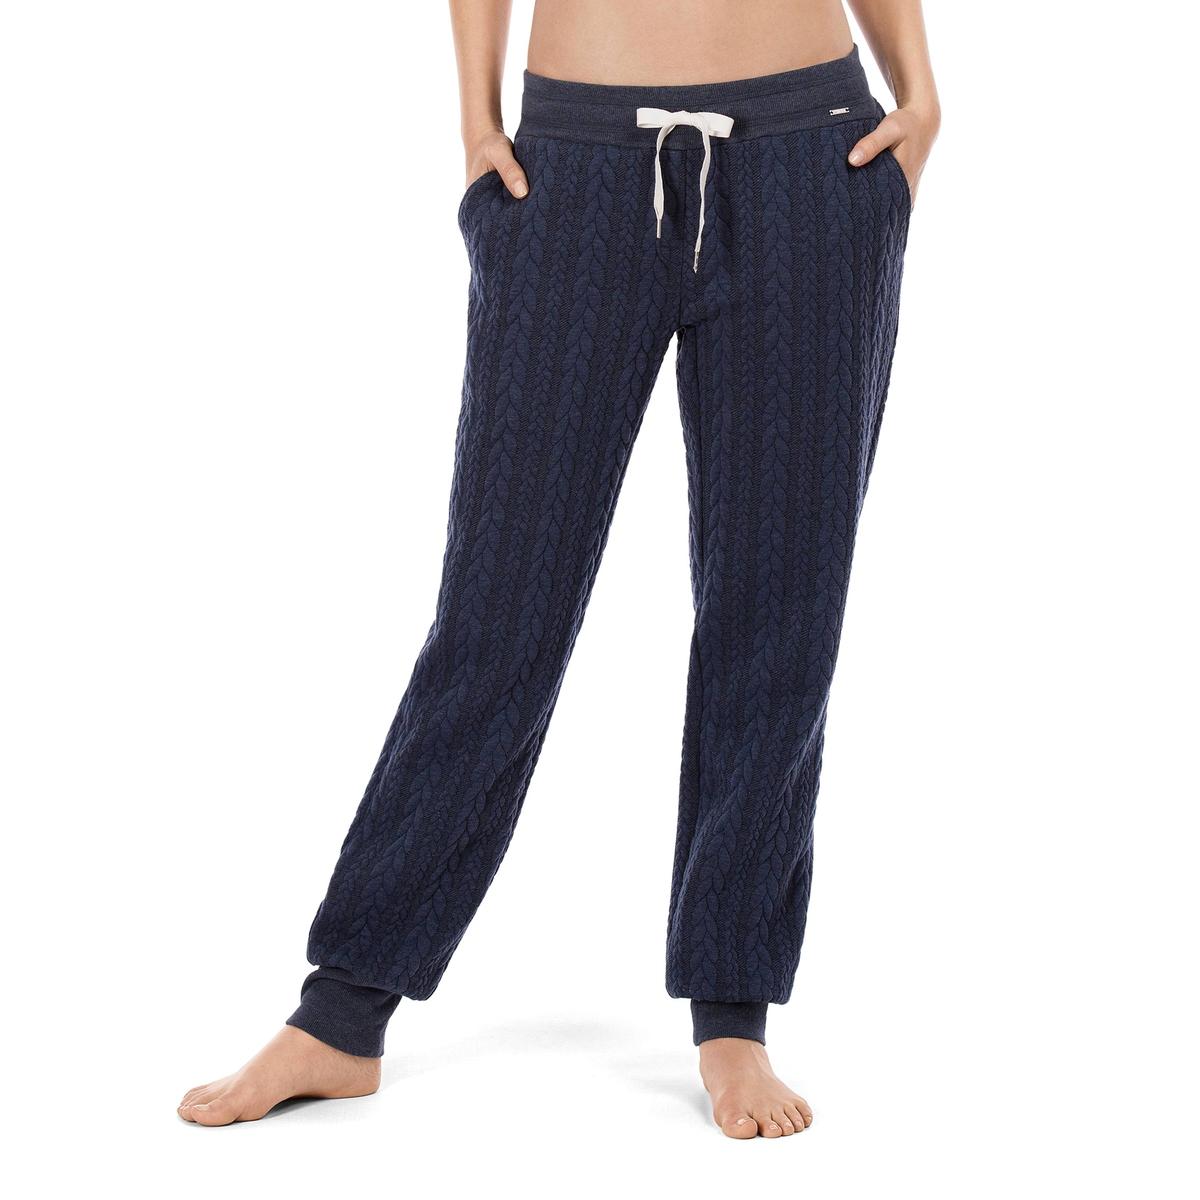 Брюки пижамные LougewearСостав и детали :Материал : 100% полиэстер Марка : SkinnyУход :Ручная стирка при 30°.Машинная сушка запрещена.Не гладить.<br><br>Цвет: темно-синий